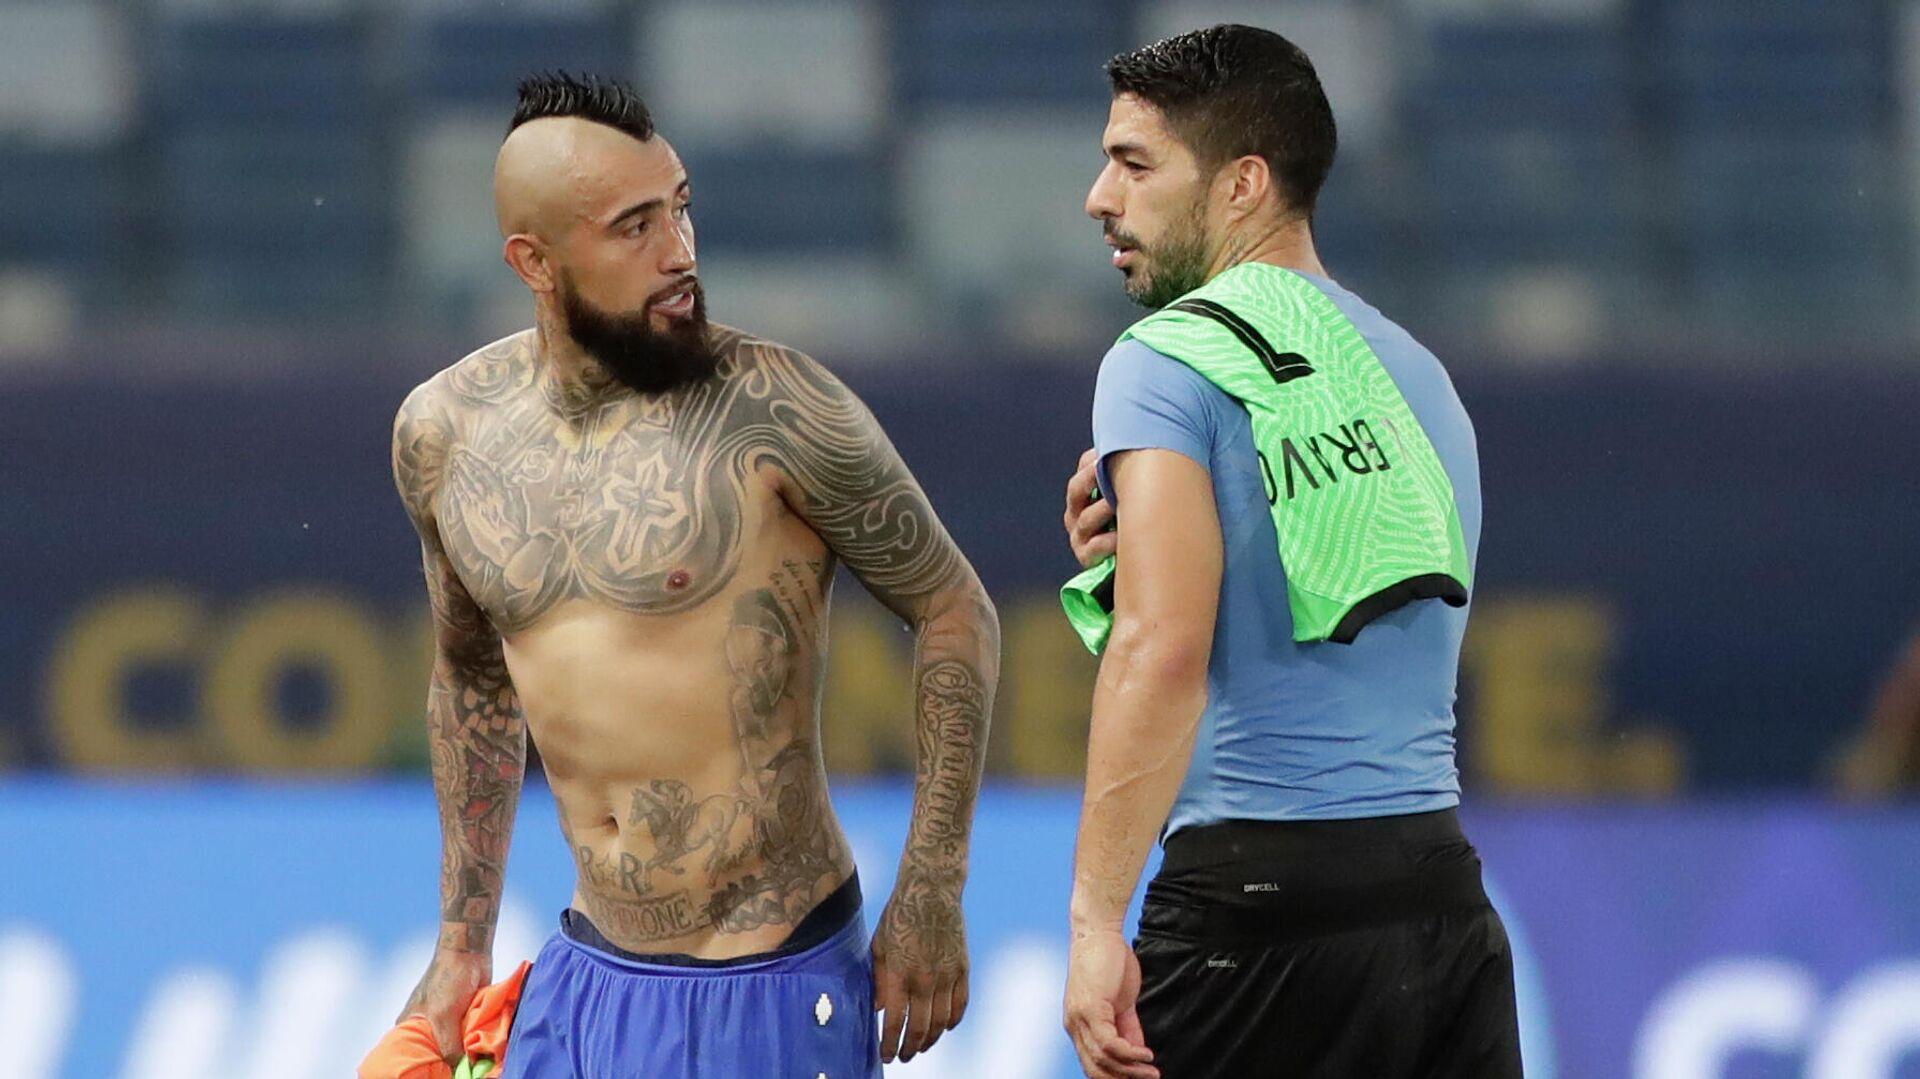 El futbolista chileno Arturo Vidal y el uruguayo Luis Suárez hablan luego de un partido entre Chile y Uruguay por la Copa América 2021 - Sputnik Mundo, 1920, 22.06.2021